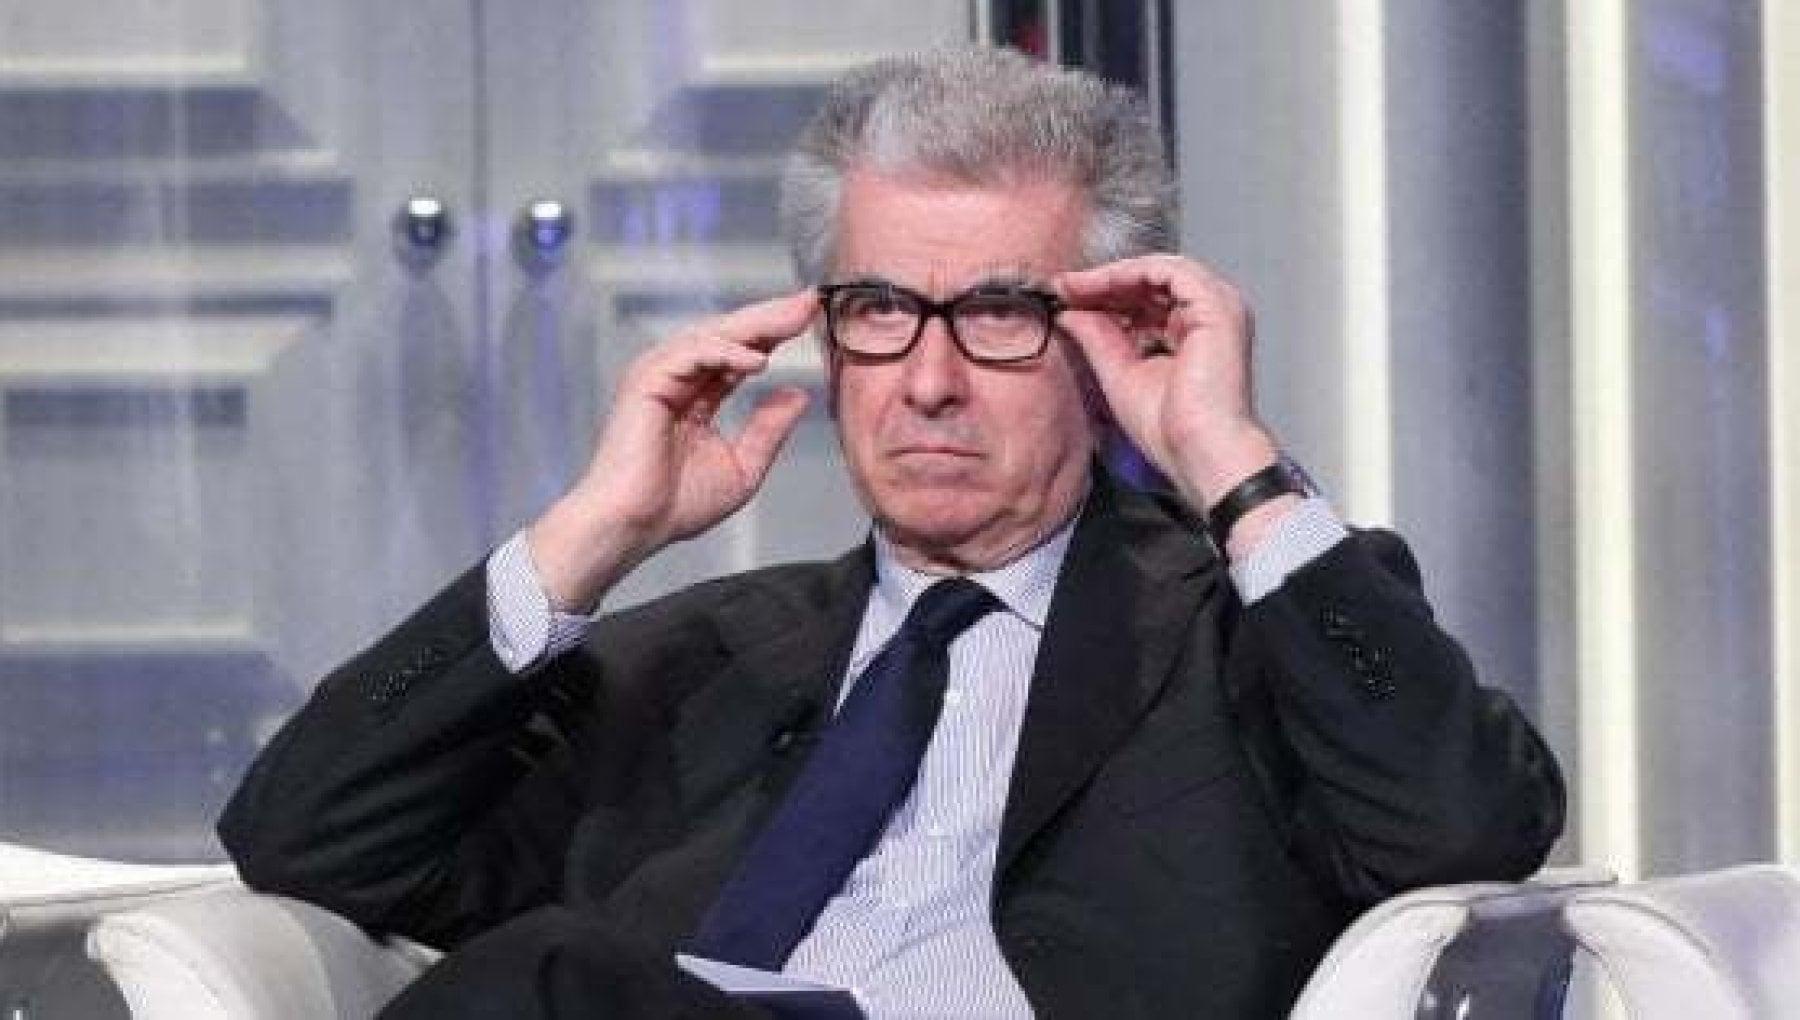 Crisi di governo Luigi Zanda Pd Politica stupida se spinge crisi fino a elezioni. Cosi perdiamo la reputazione in Europa